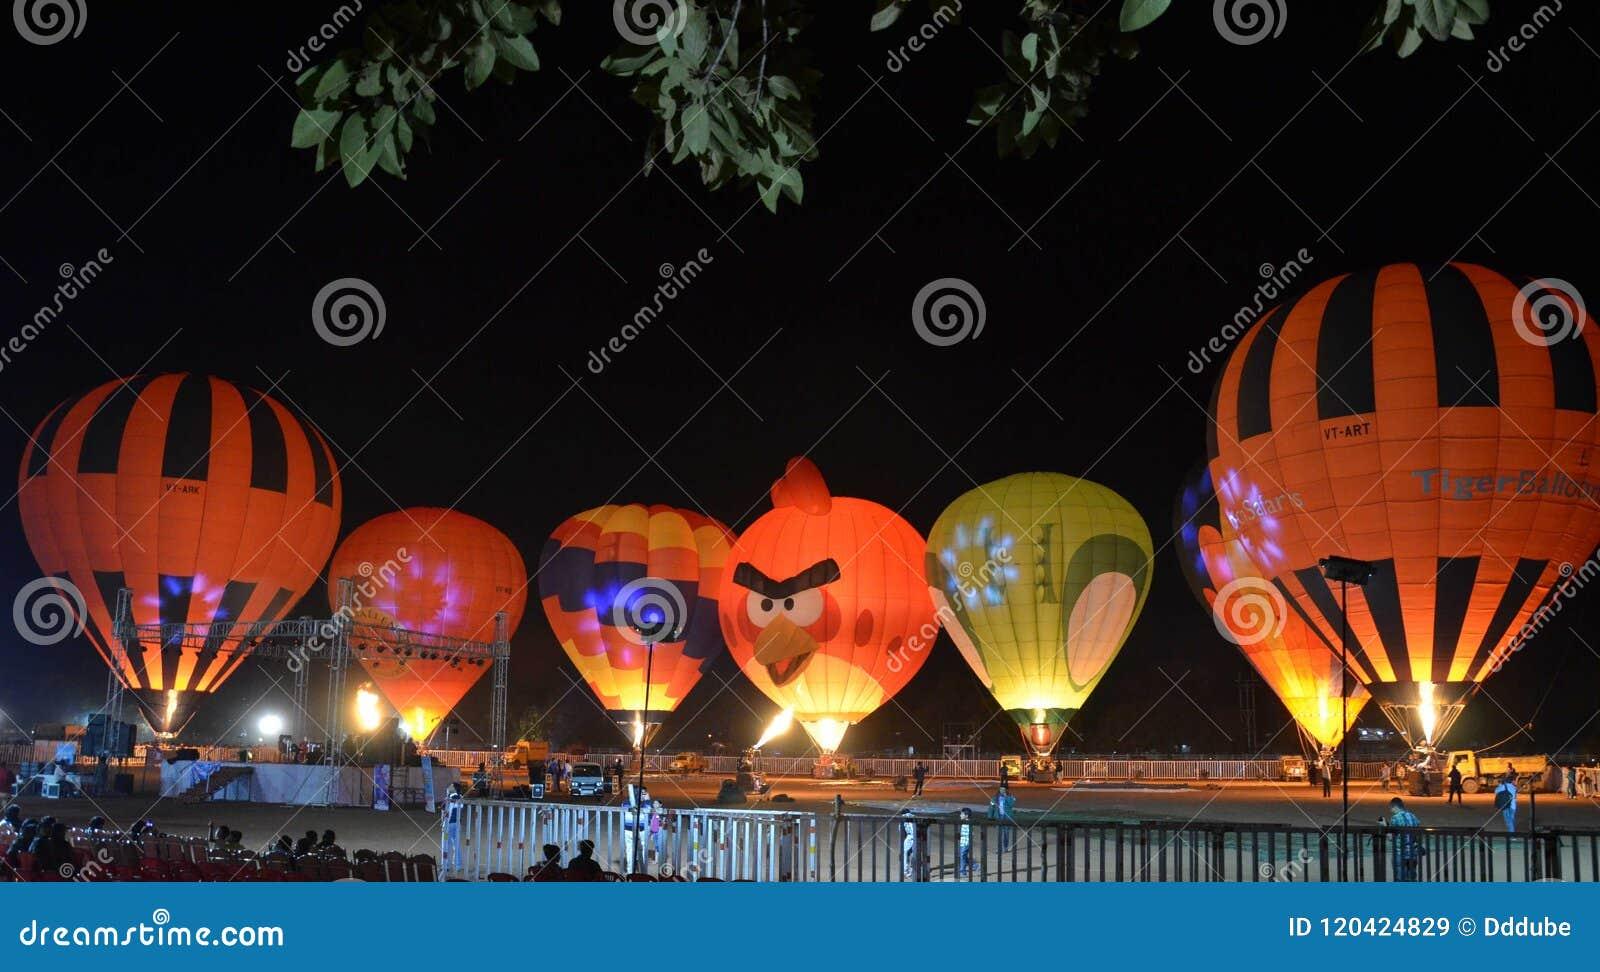 Exposition chaude de ballon à air à Bhopal